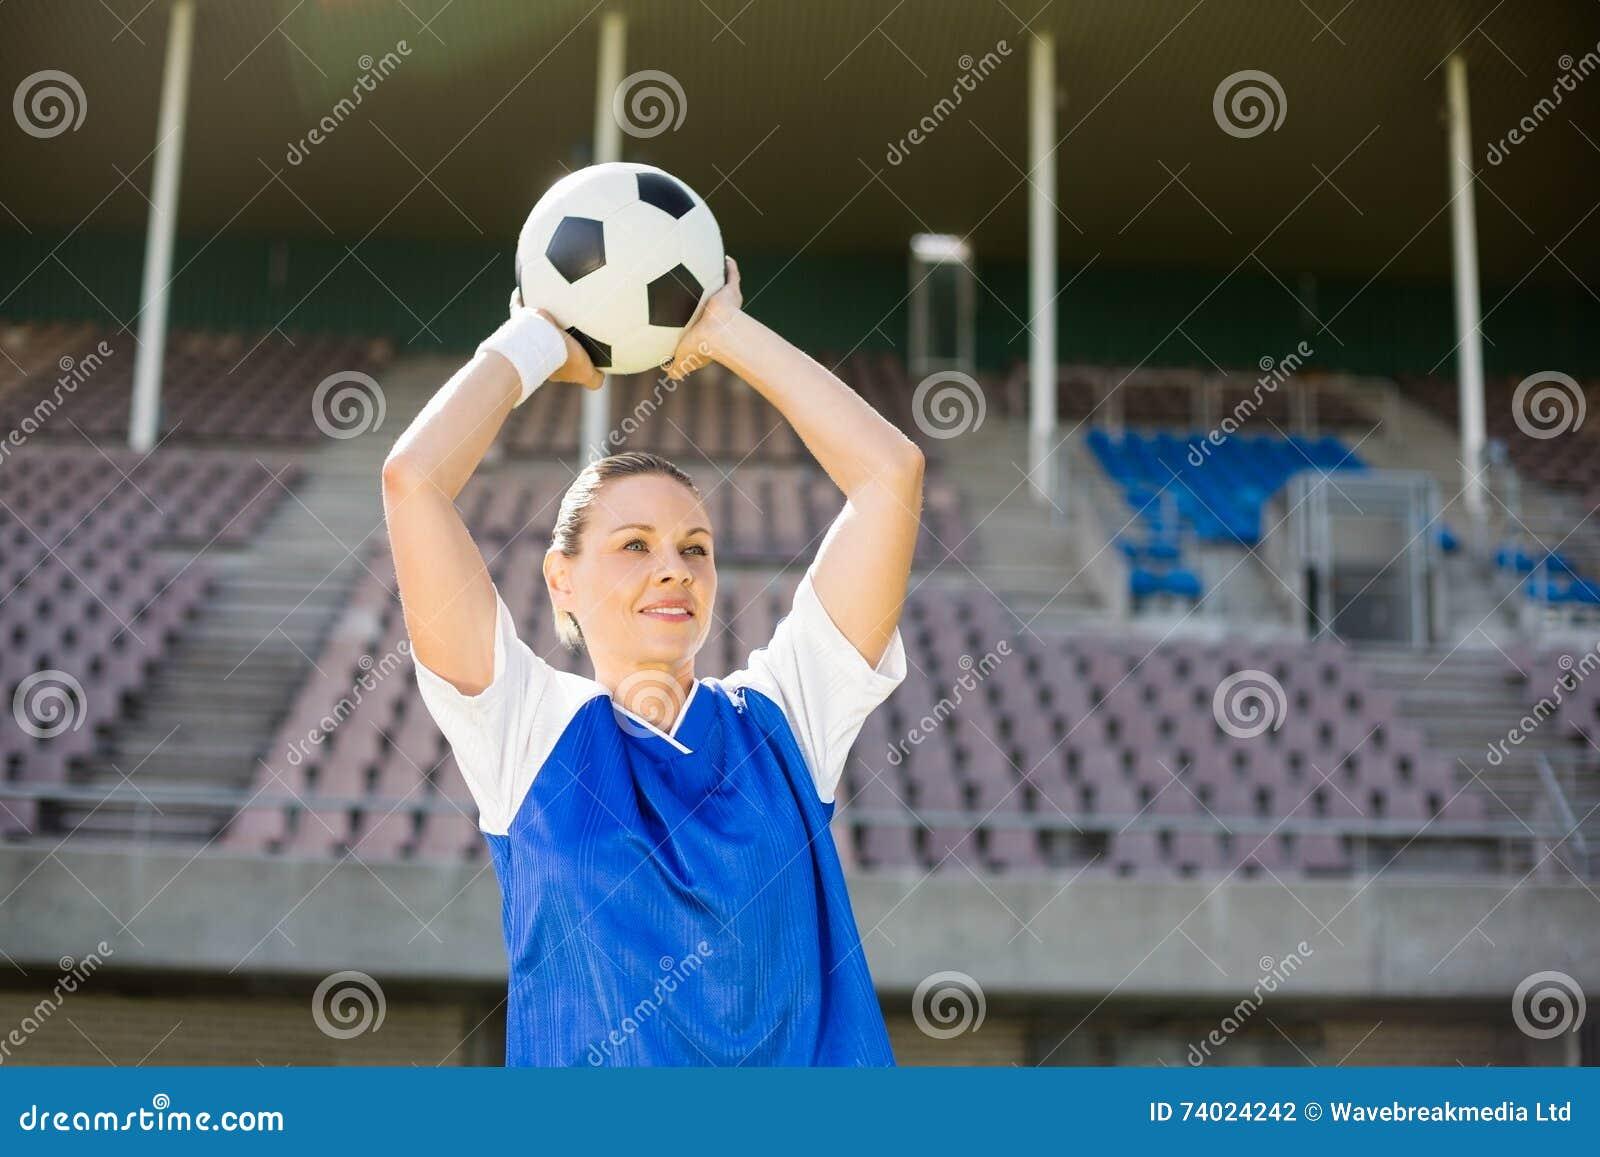 Kvinnlig fotbollsspelare omkring som kastar en fotboll